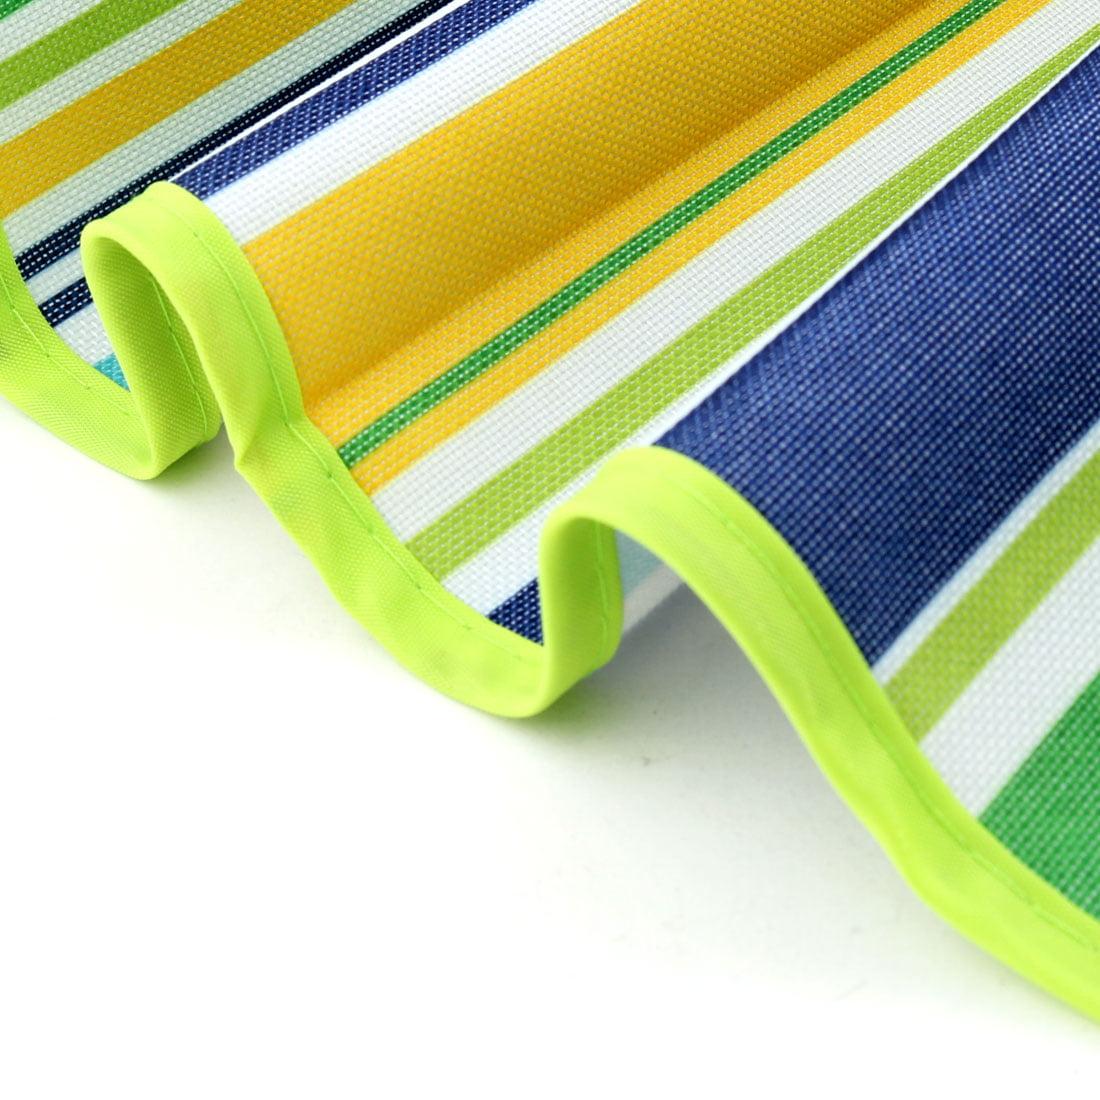 Hiking Nylon Stripe Pattern Moisture Resistant Picnic Mat Lawn Green 145 x 180cm - image 3 de 6